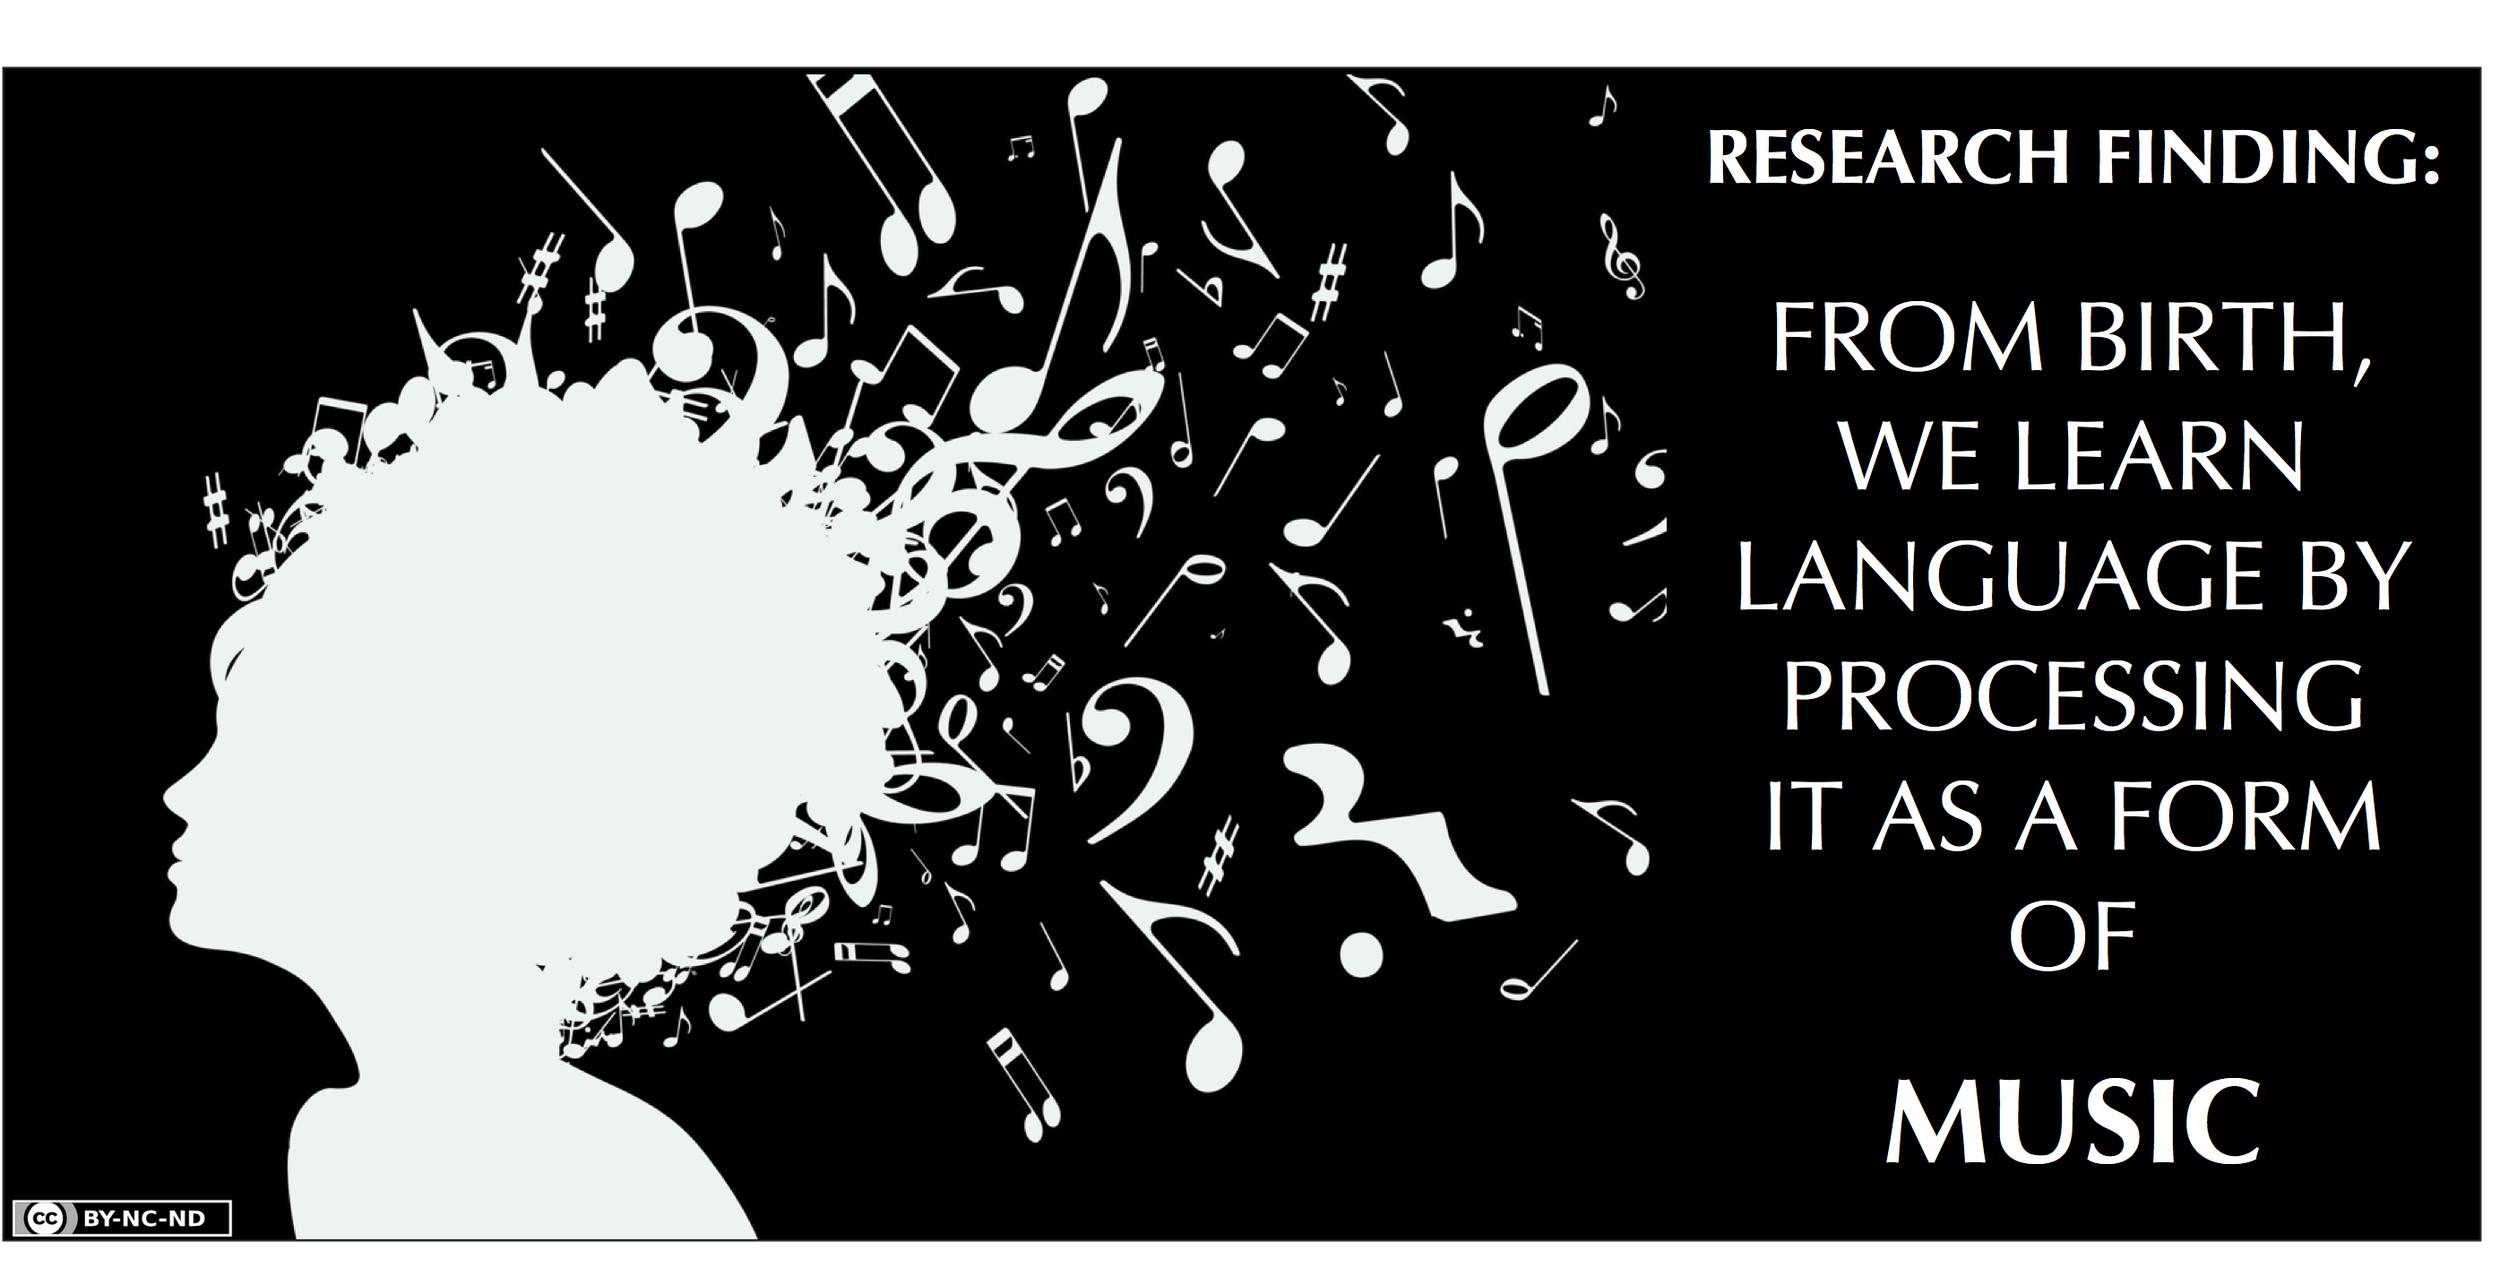 BBB Language as Music image (May 2014).jpeg